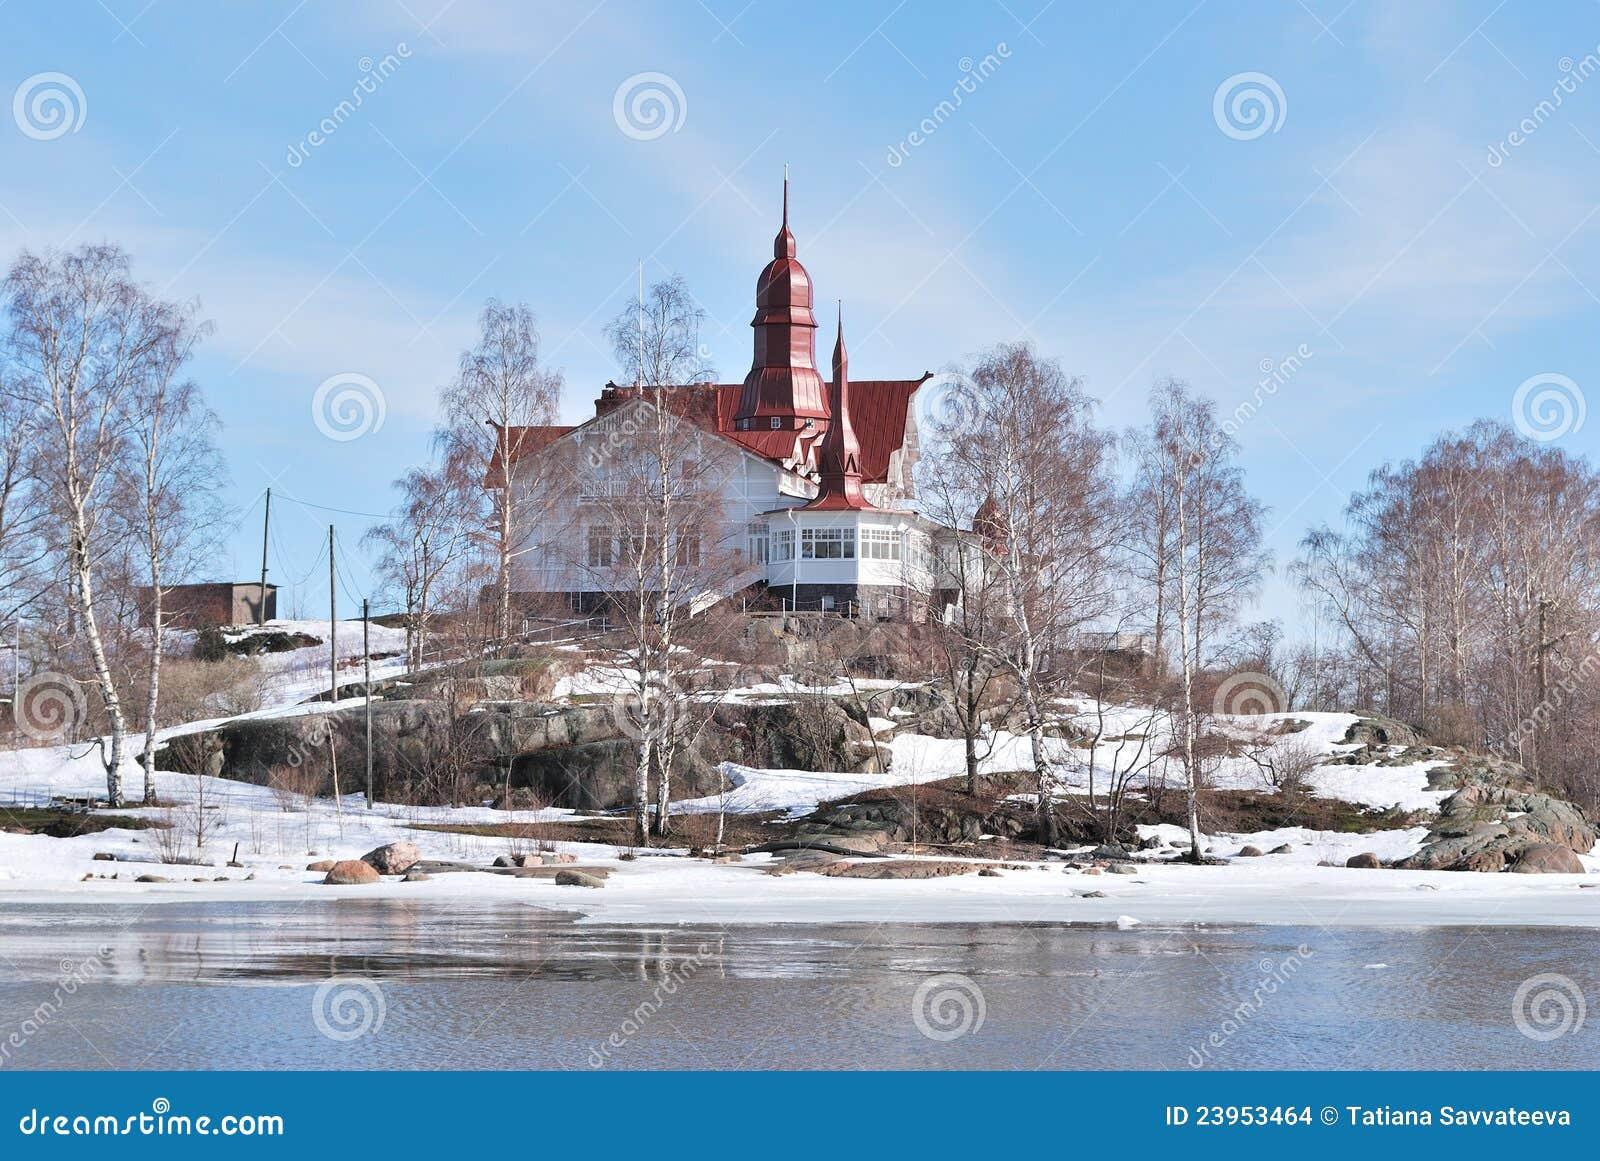 Helsinki öluoto